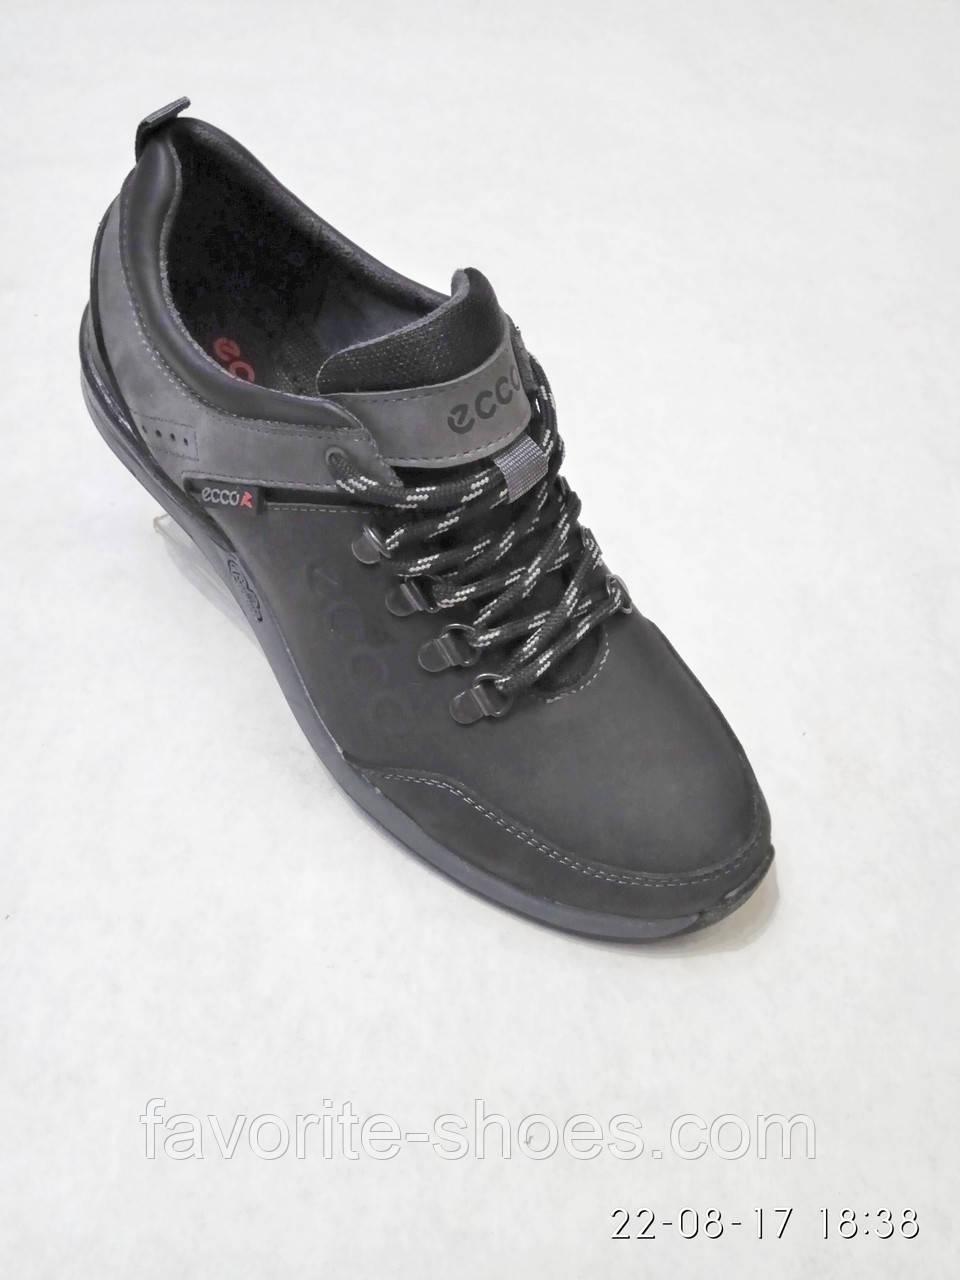 d331c7565 Кожаные мужские спортивные туфли черные ecco b52 - Интернет - магазин